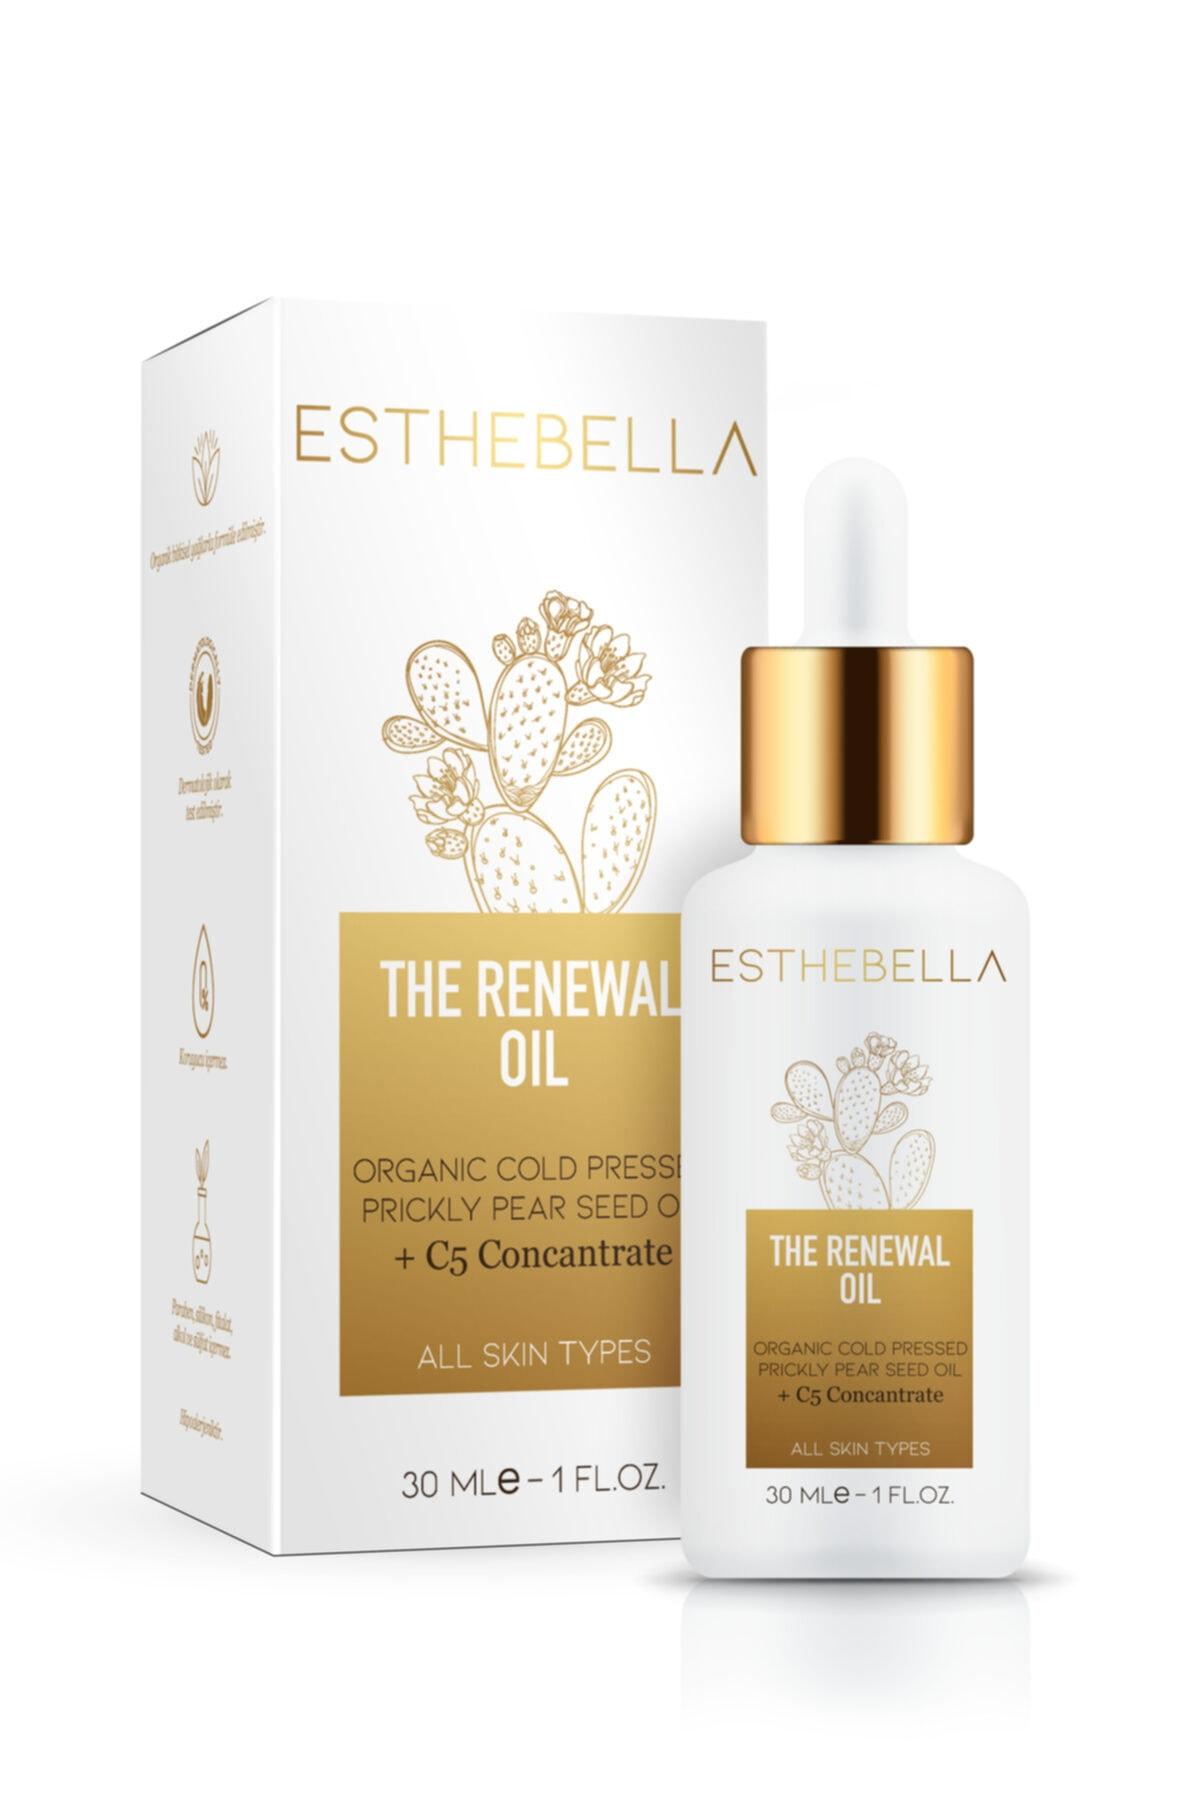 ESTHEBELLA The Renewal Oil 1